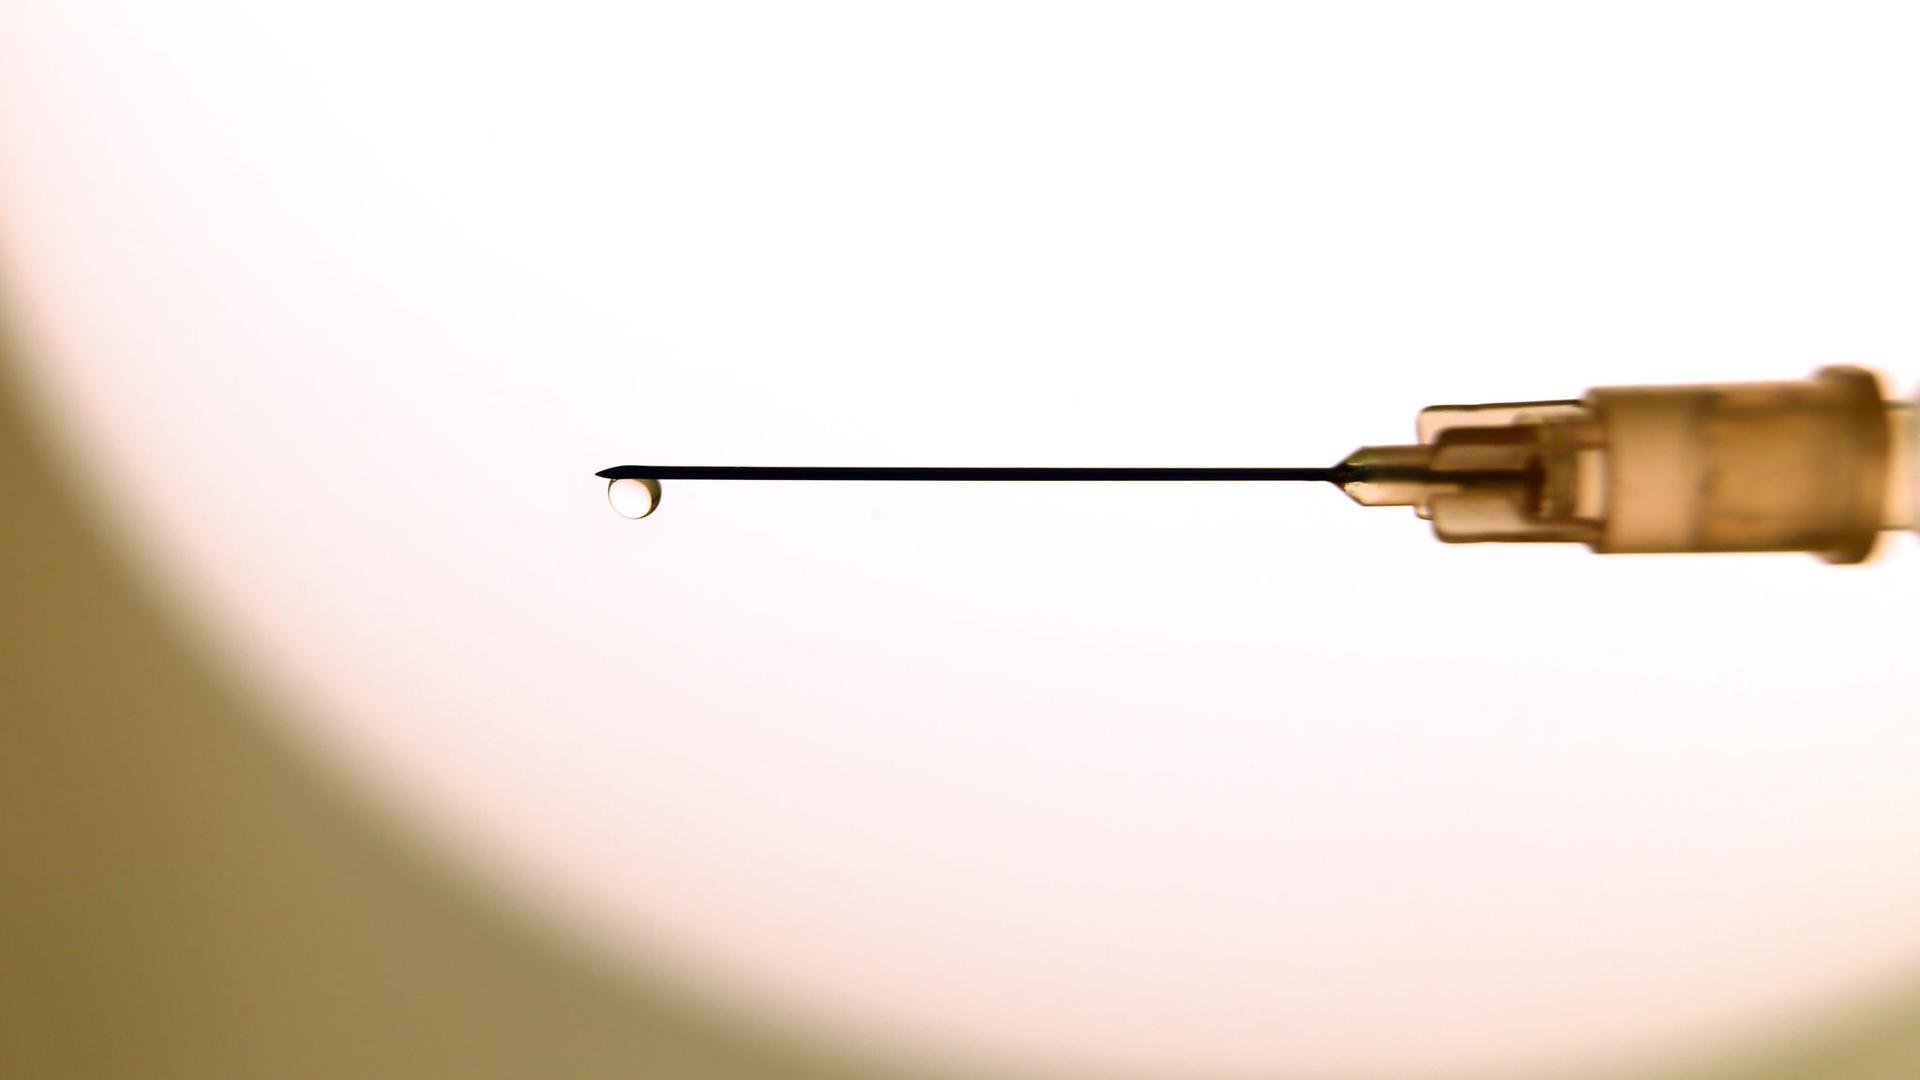 Eine Flüssigkeit tropft aus der Kanüle einer Spritze.